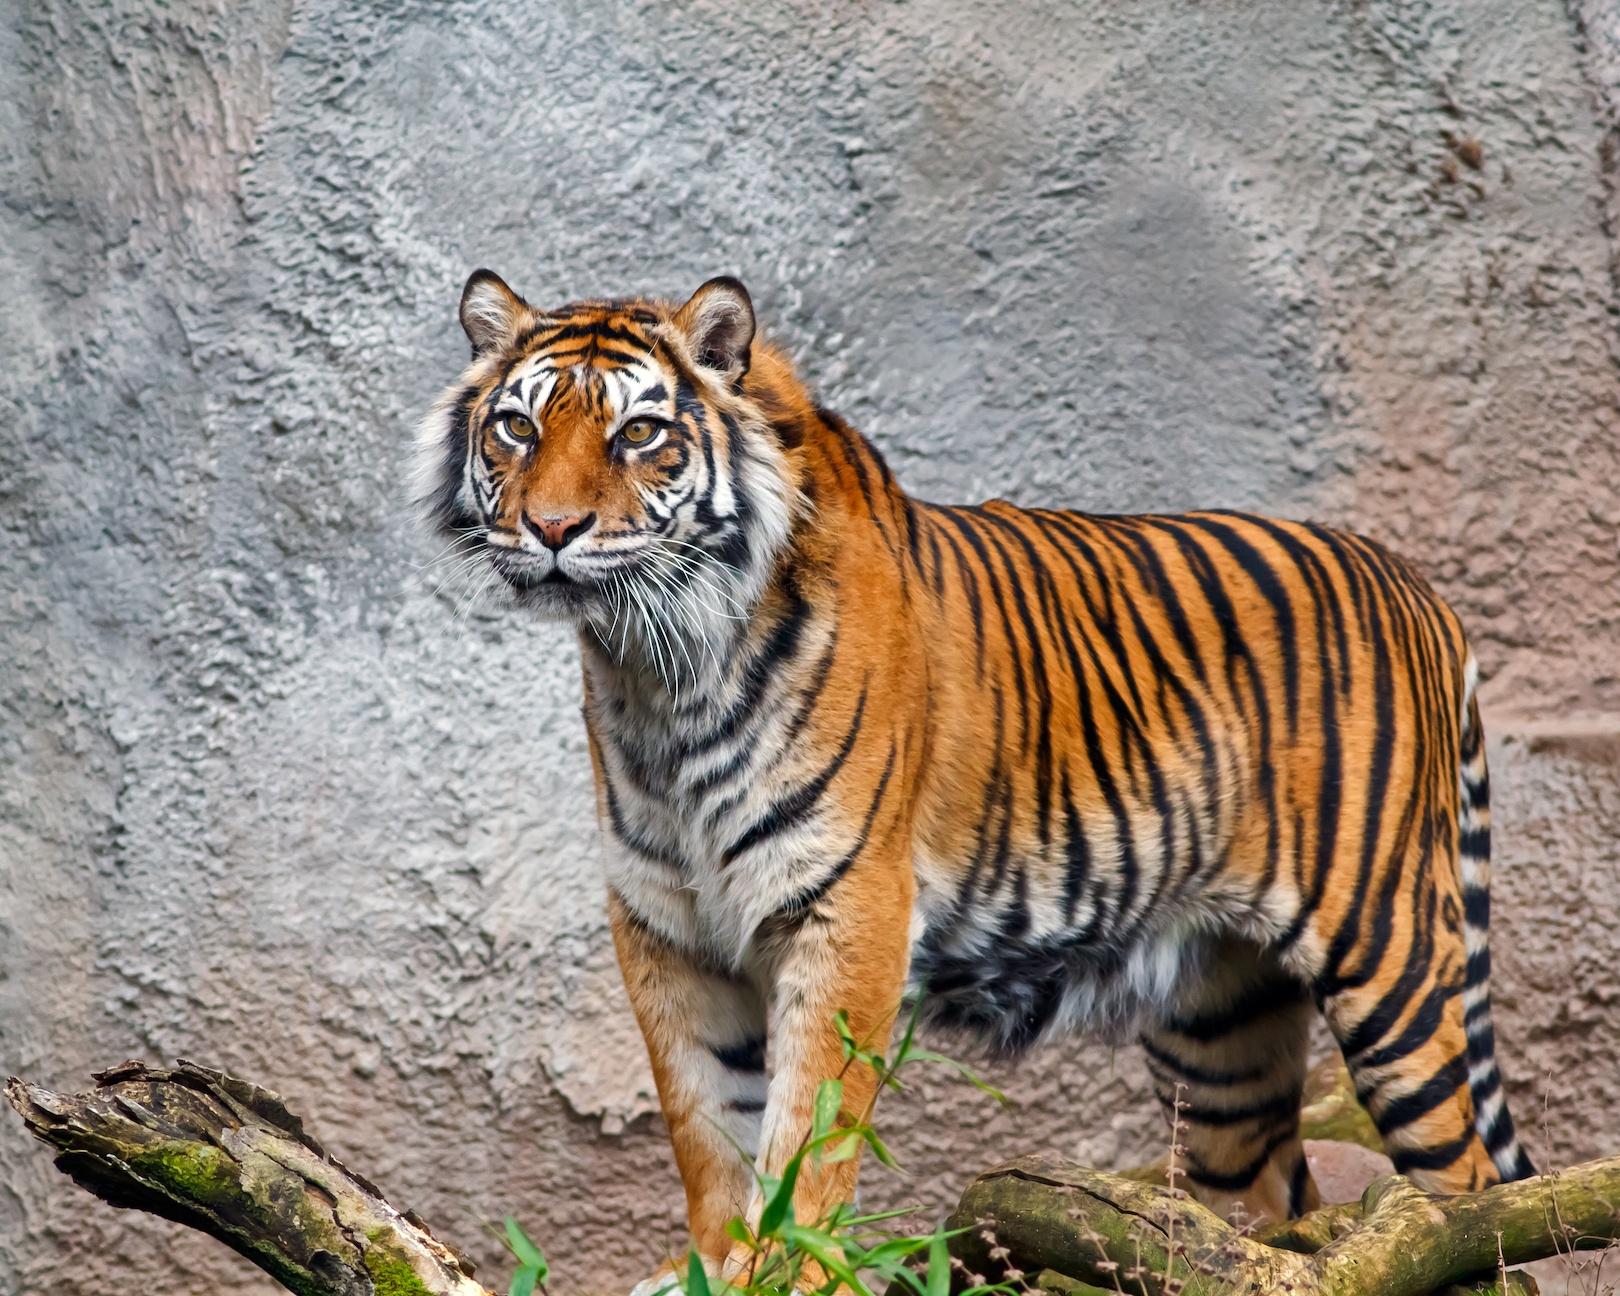 Sumatran Tiger at the Woodland Park Zoo